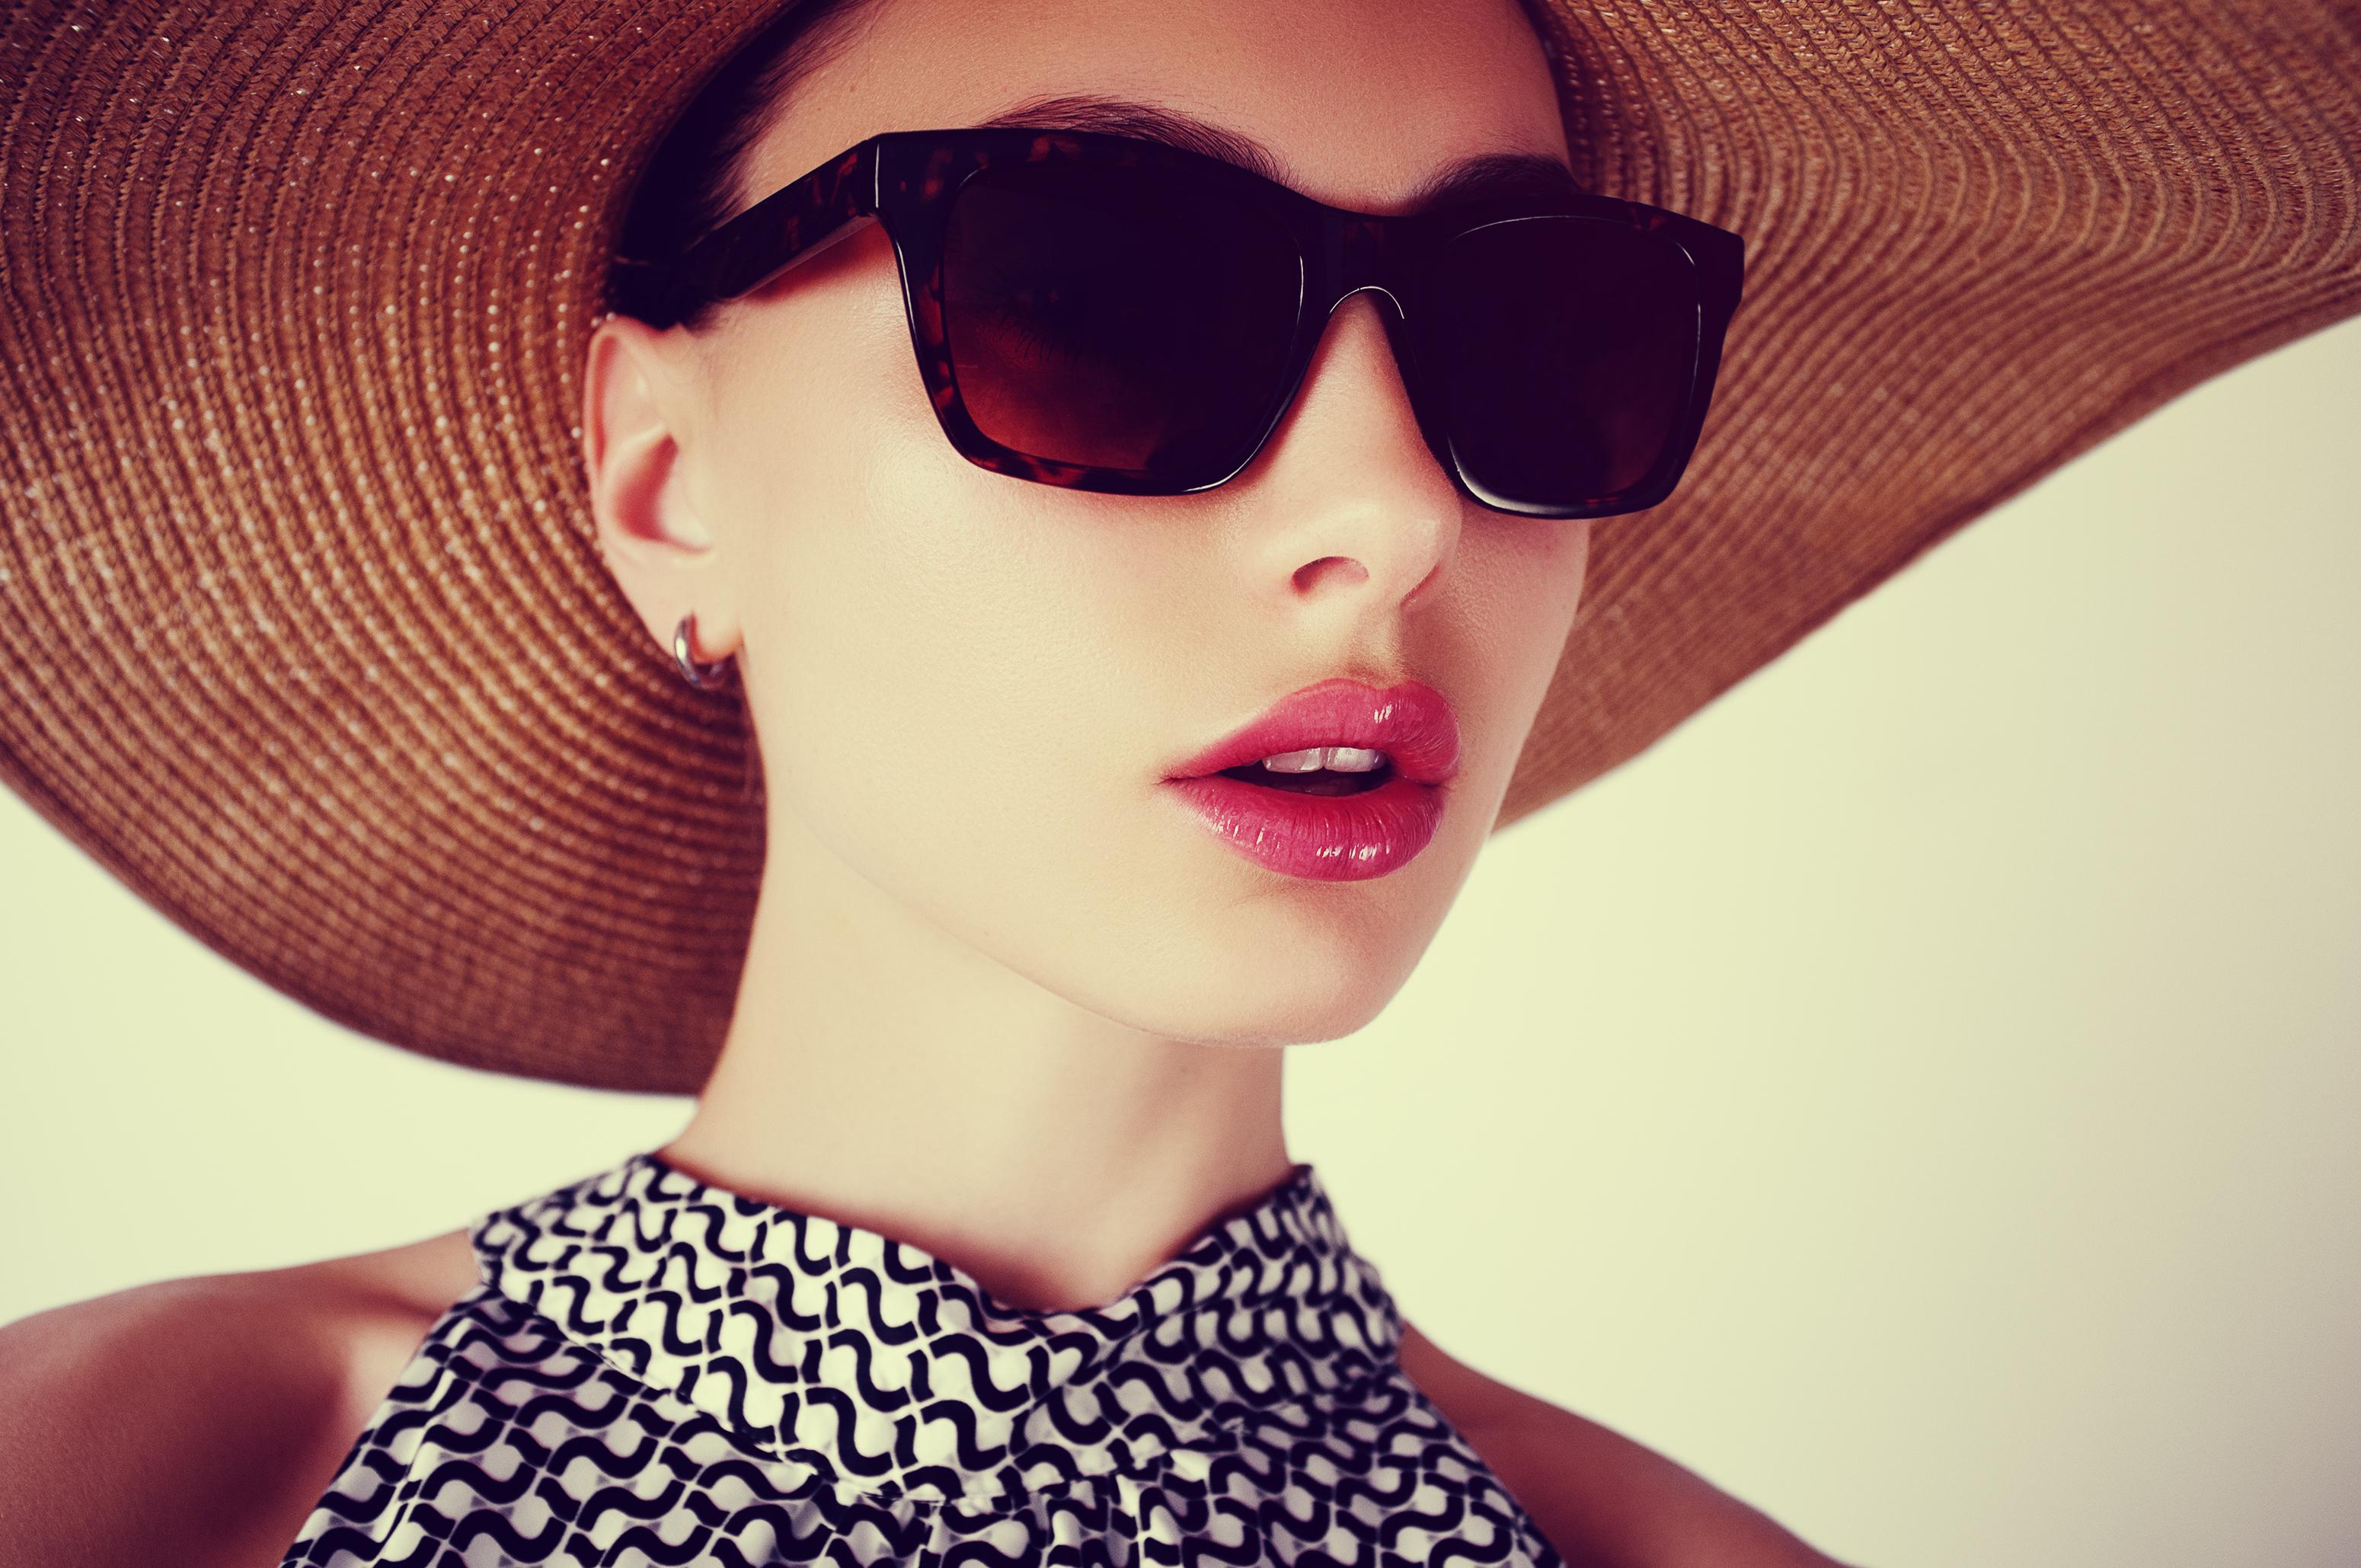 Еднодневен курс с теория и практика по ултразвуково уголемяване на устни и попълване на бръчки в NSB Beauty Center! - Снимка